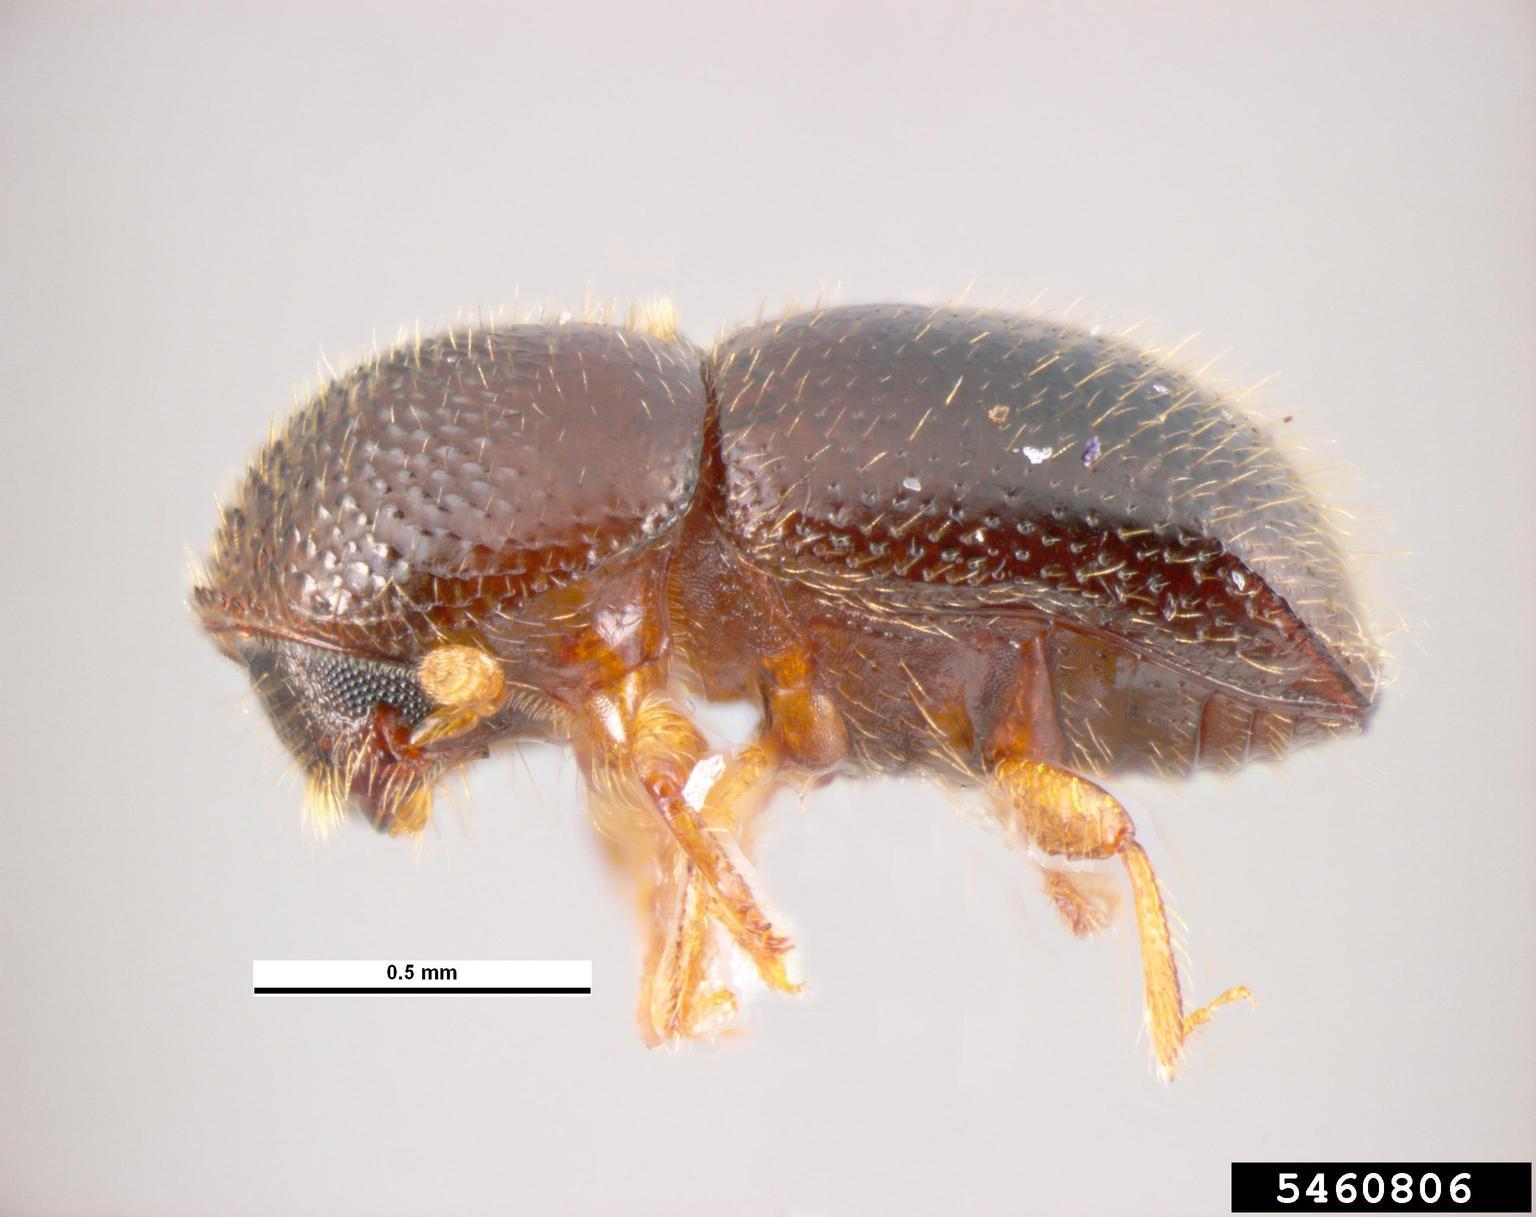 Vista del escarabajo perforador de árboles